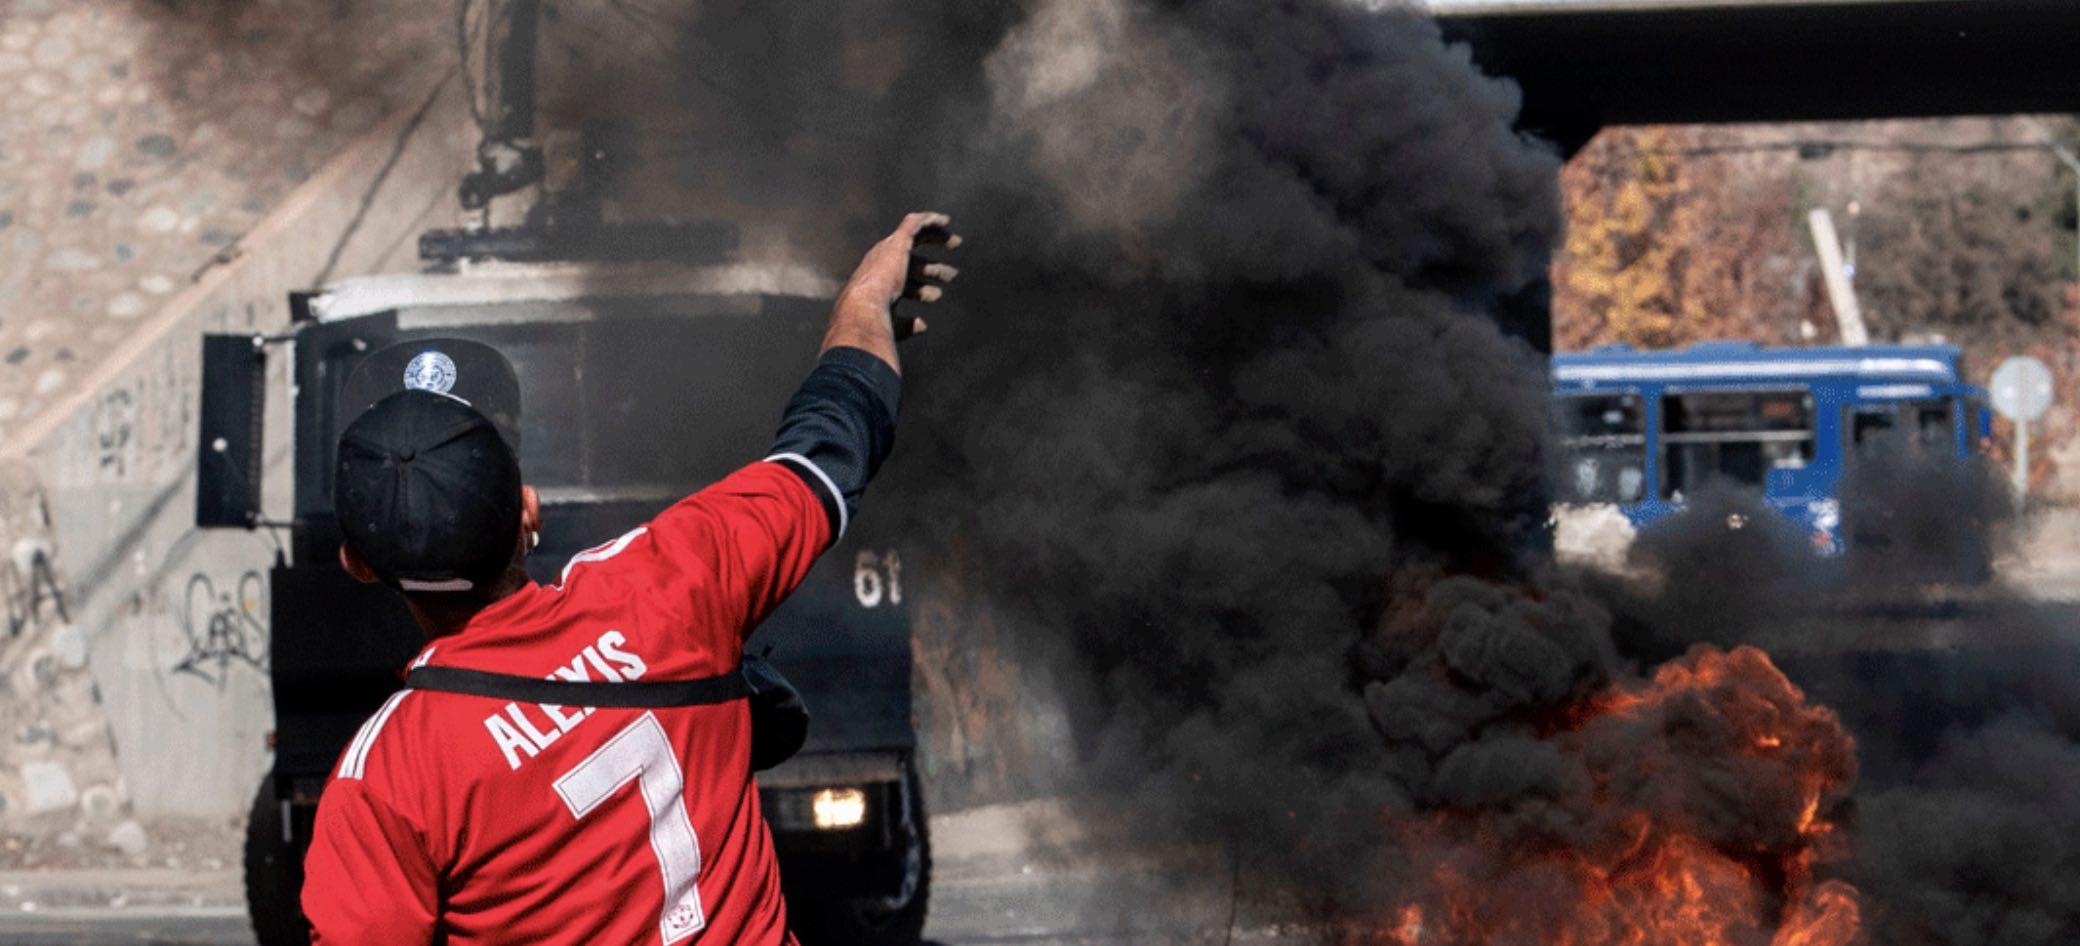 Chile, Violentistas, COVID-19, Extrema izquierda, Recuperación económica